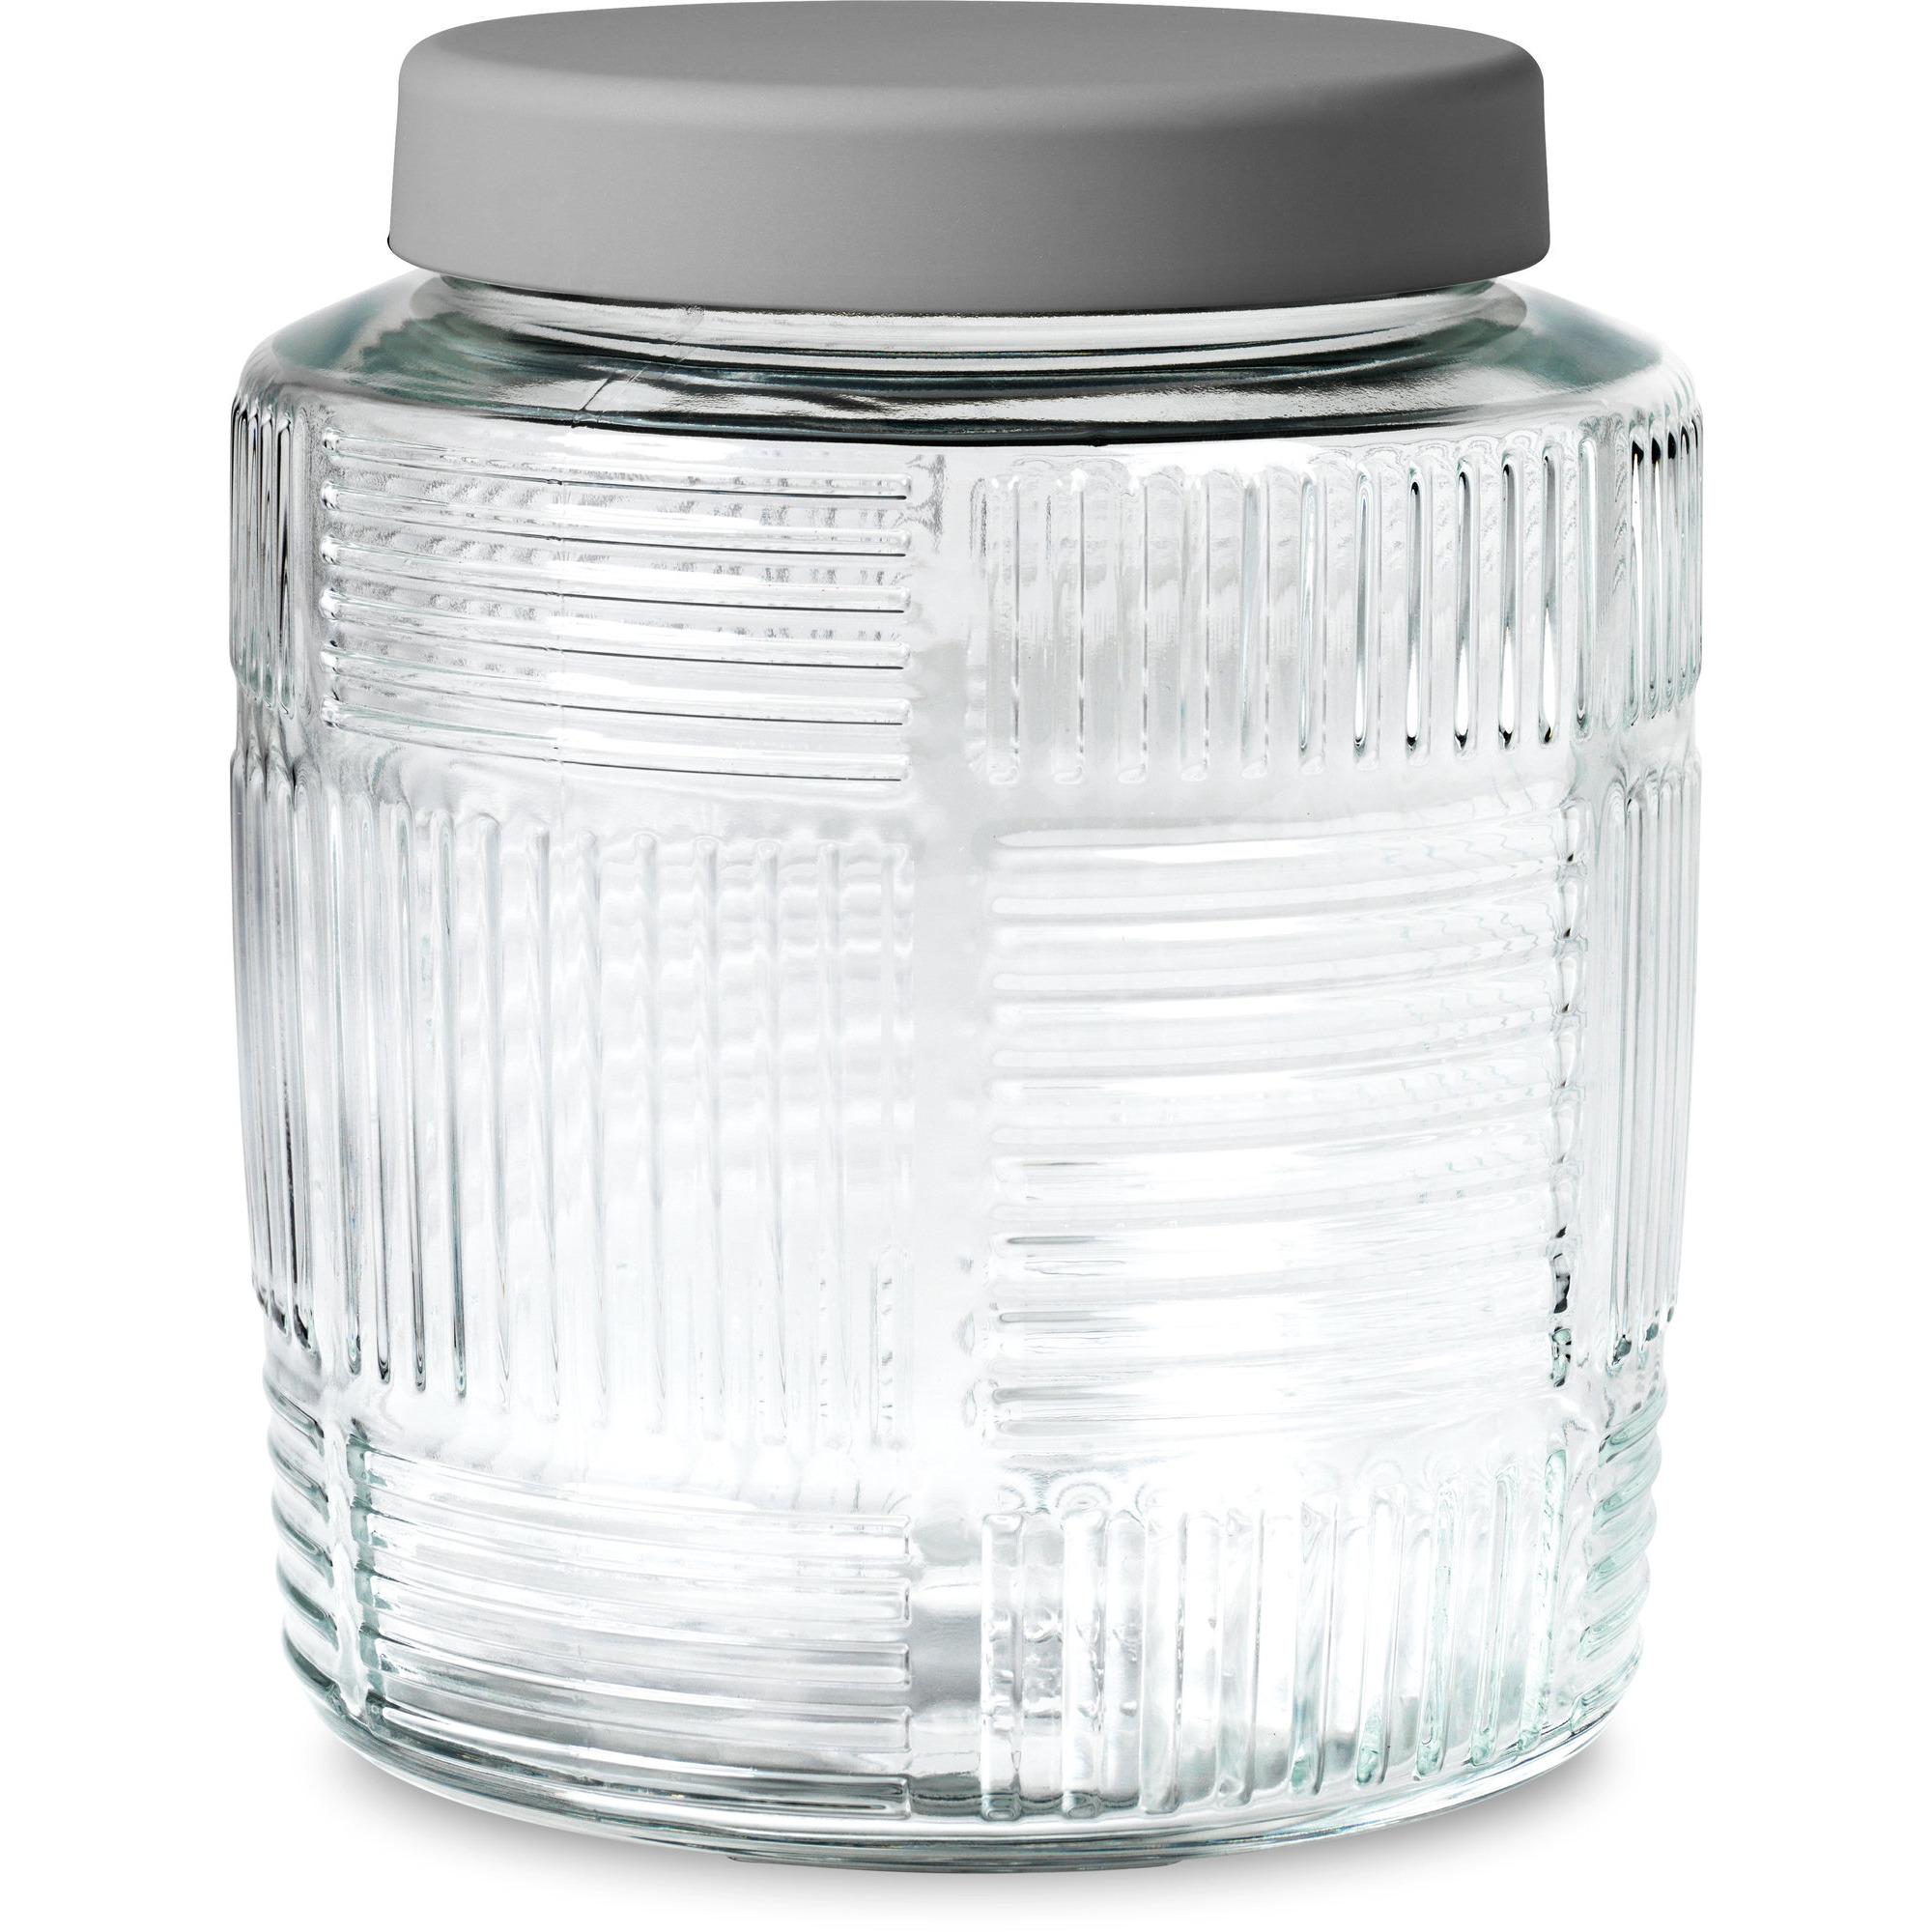 Rosendahl Nanna Ditzel Förvaringsburk 2 liter